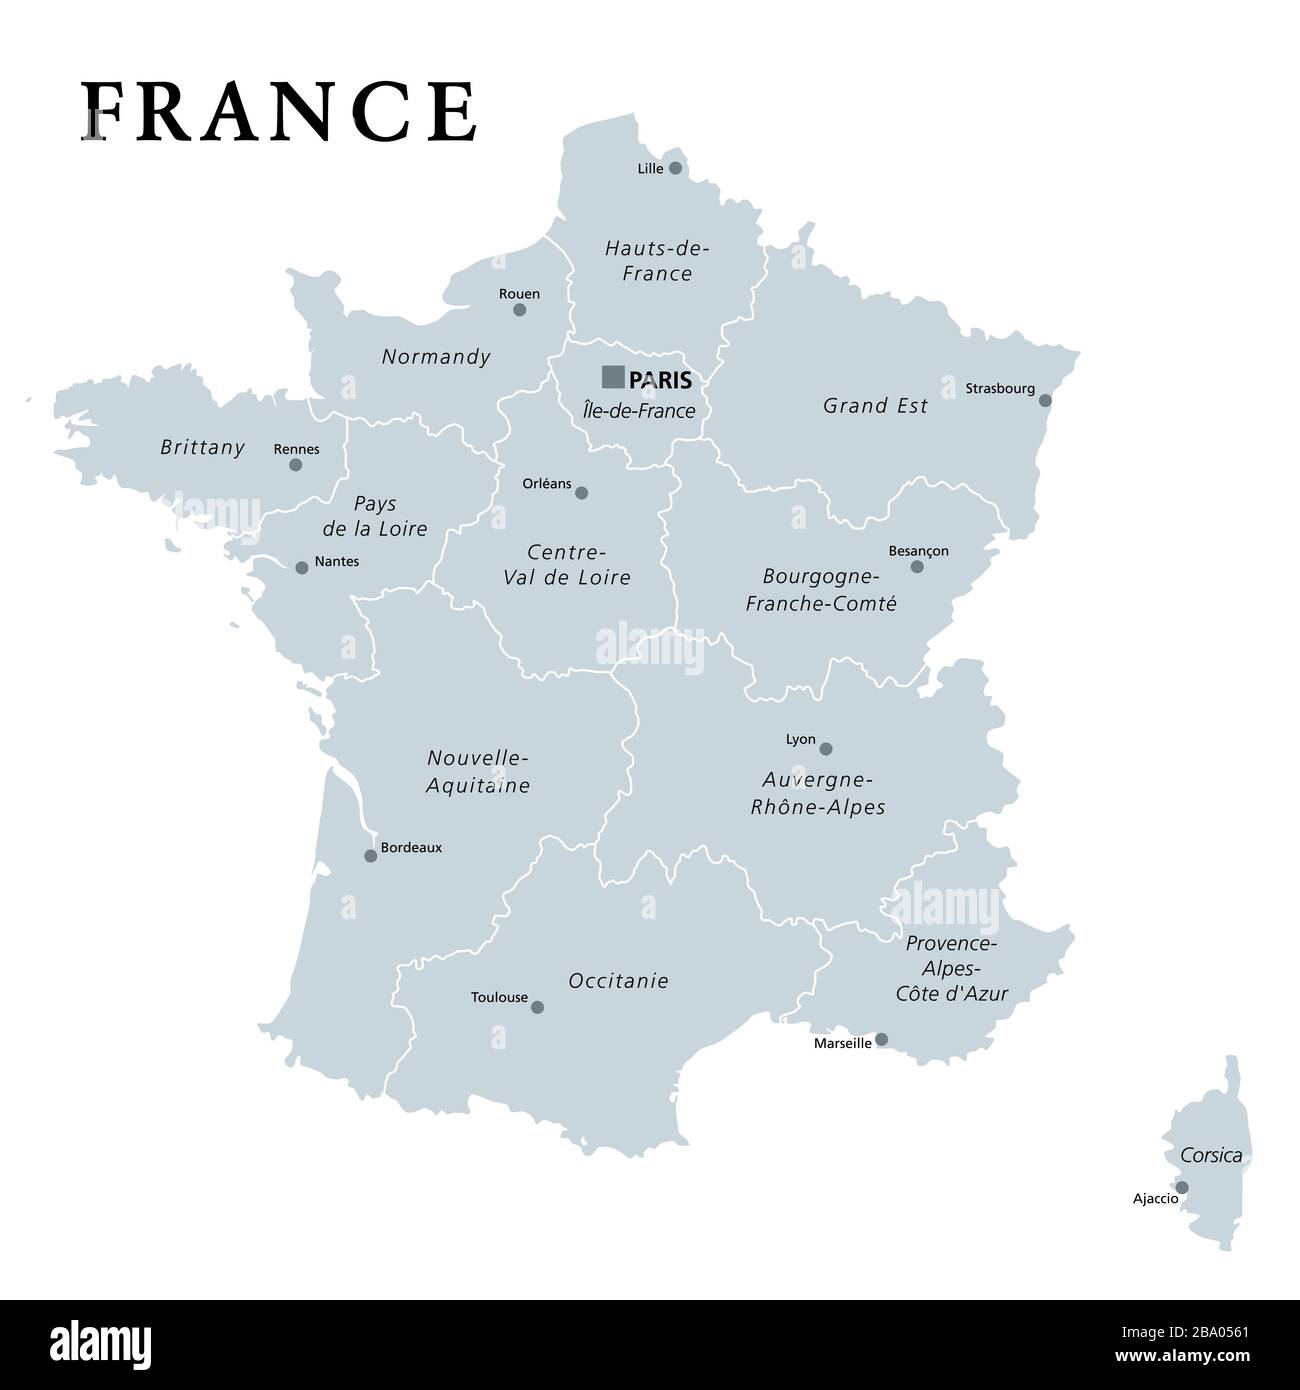 Cartina Politica Di Parigi.Francia Mappa Politica Grigia Regioni Della Francia Metropolitana Repubblica Francese Capitale Parigi Regioni Amministrative E Prefetture Foto Stock Alamy